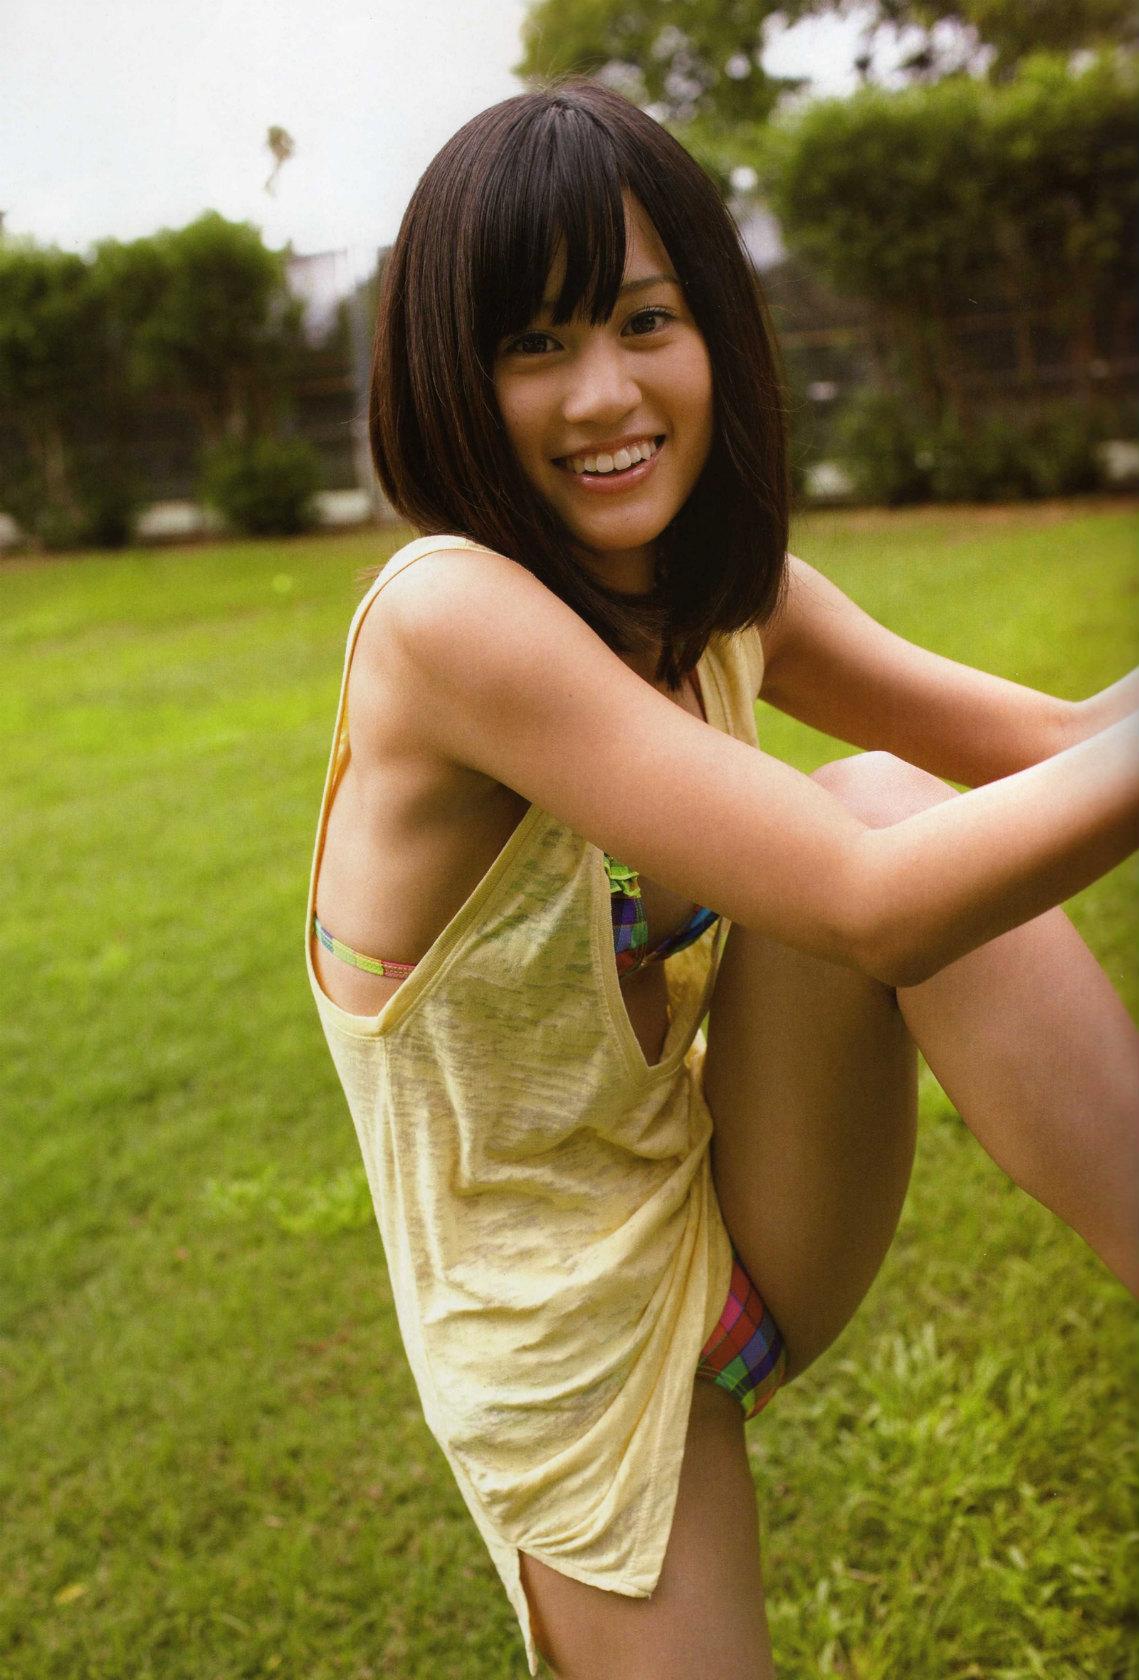 AKB48 前田敦子 セクシー 開脚 ビキニ水着 笑顔 カメラ目線 高画質 エロかわいい画像